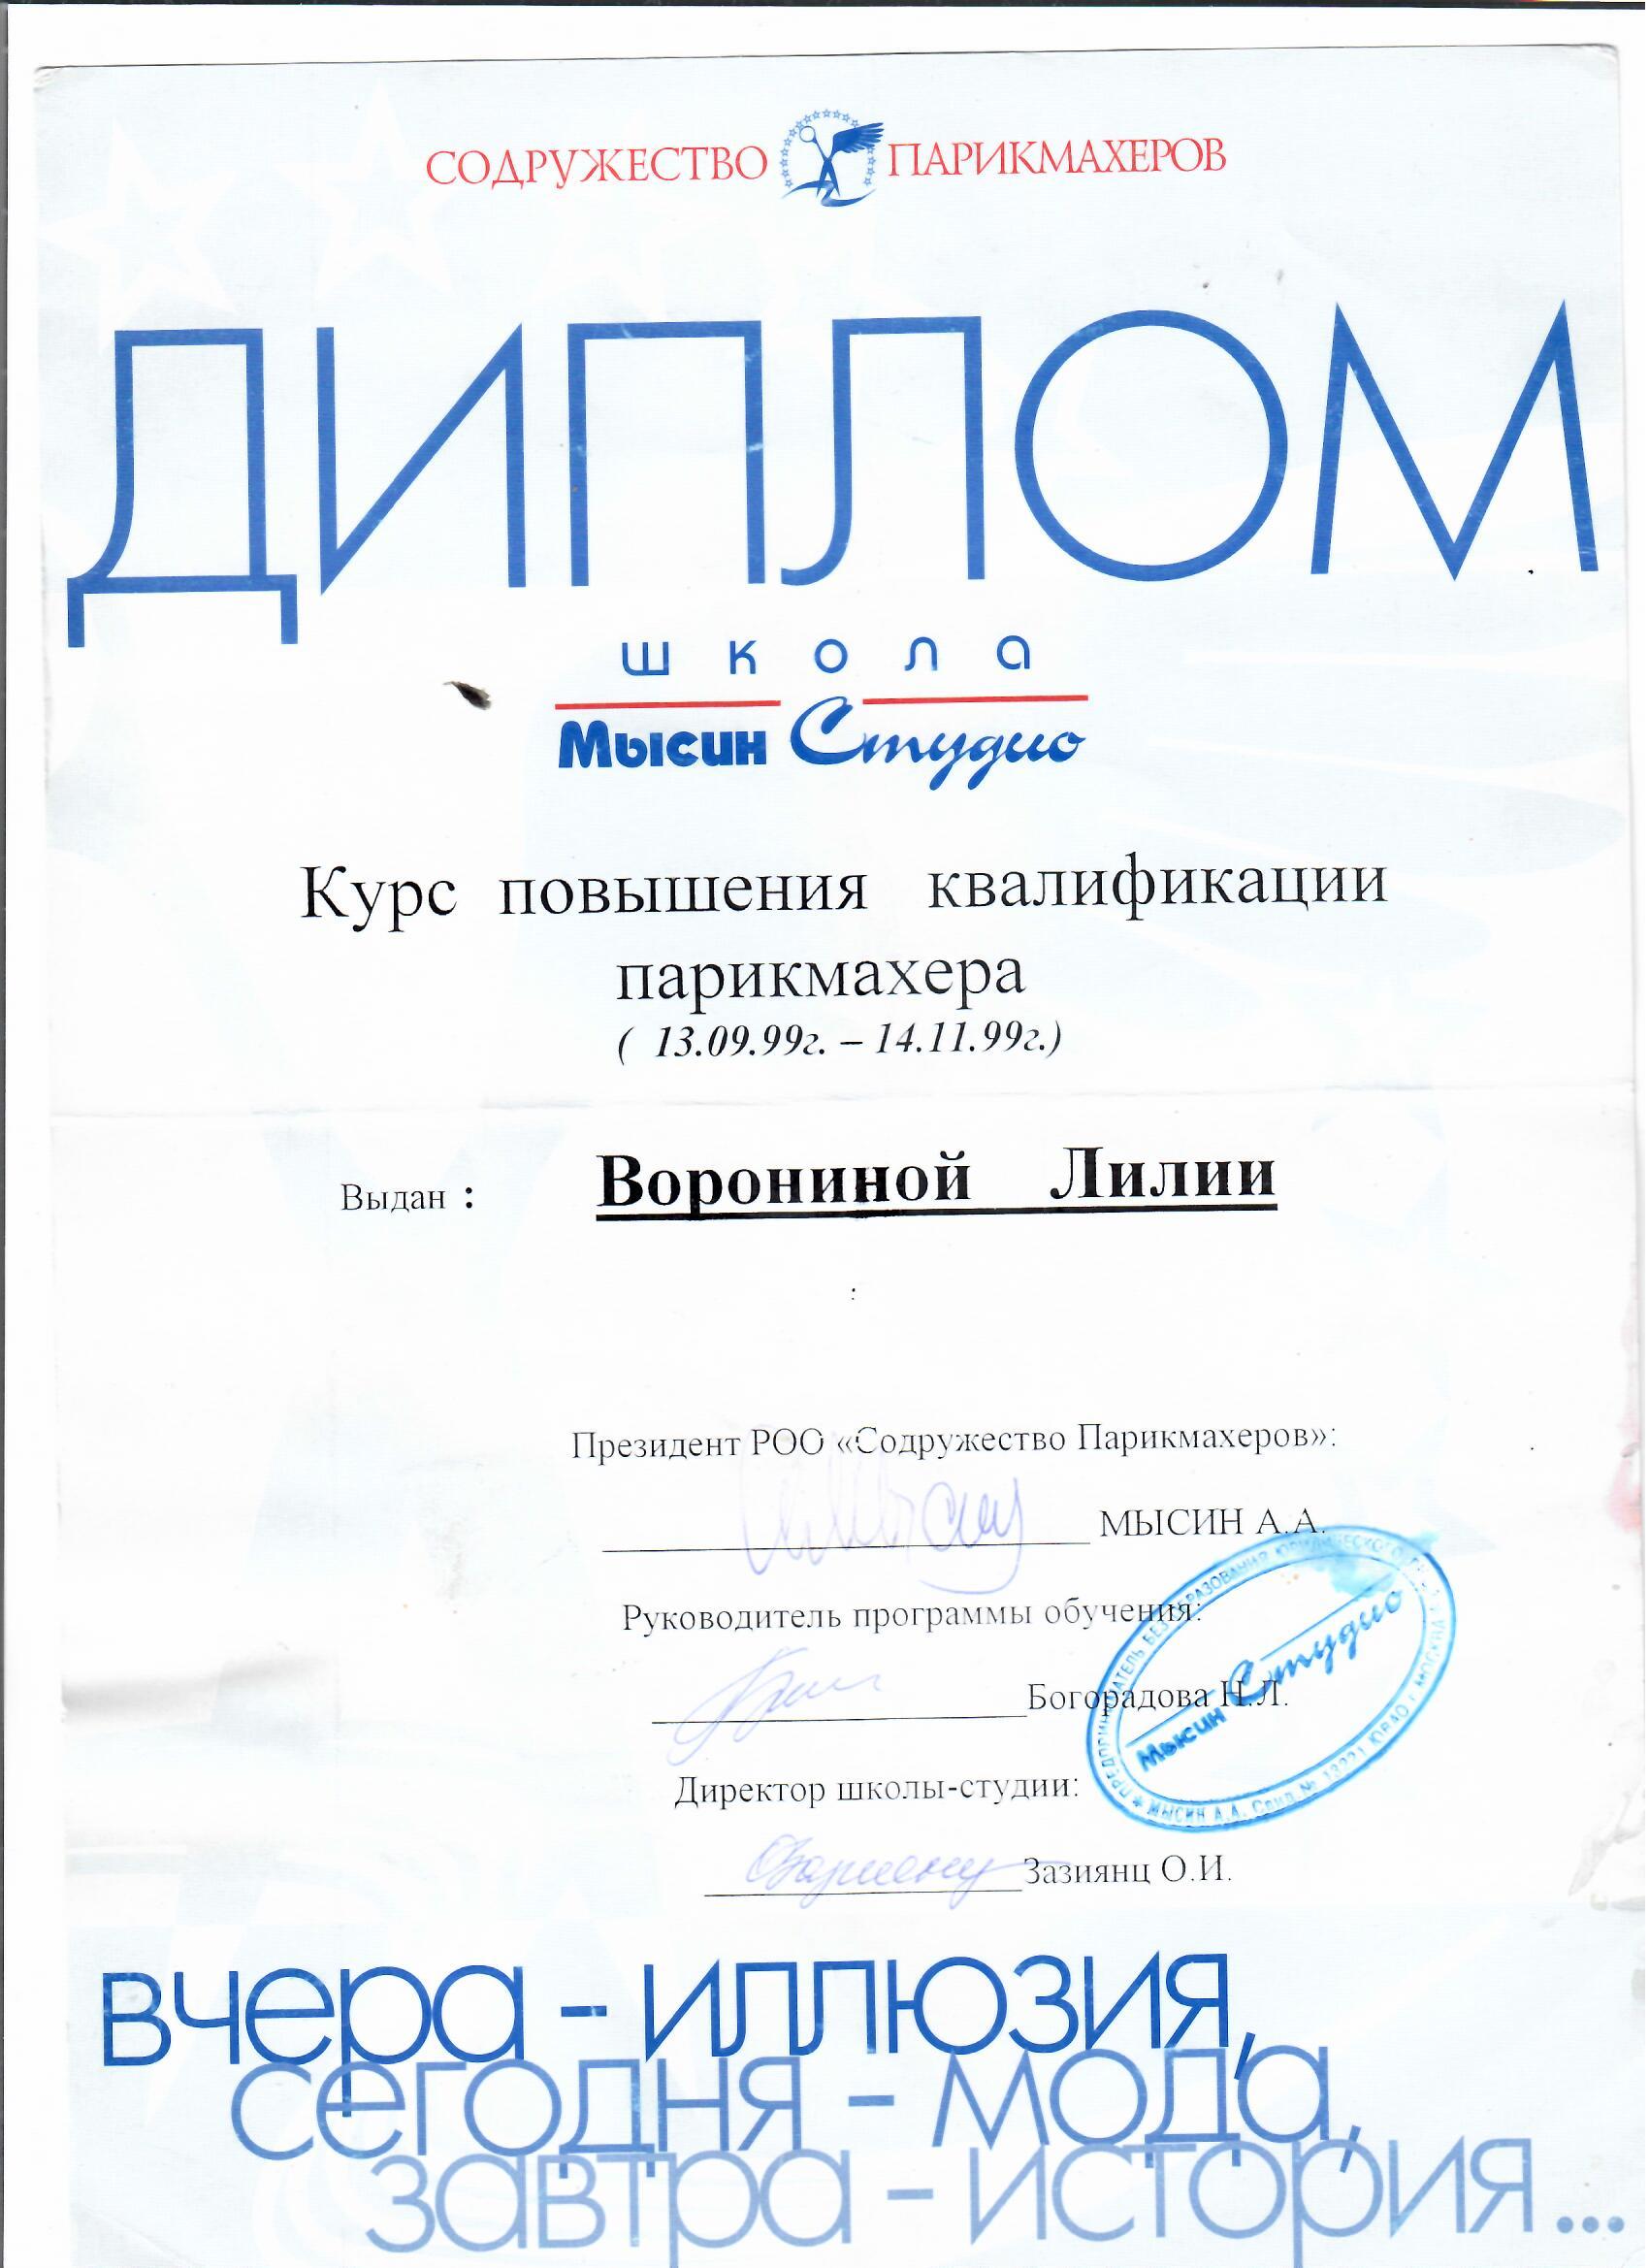 1999 курс повышения квалификации парикмахера